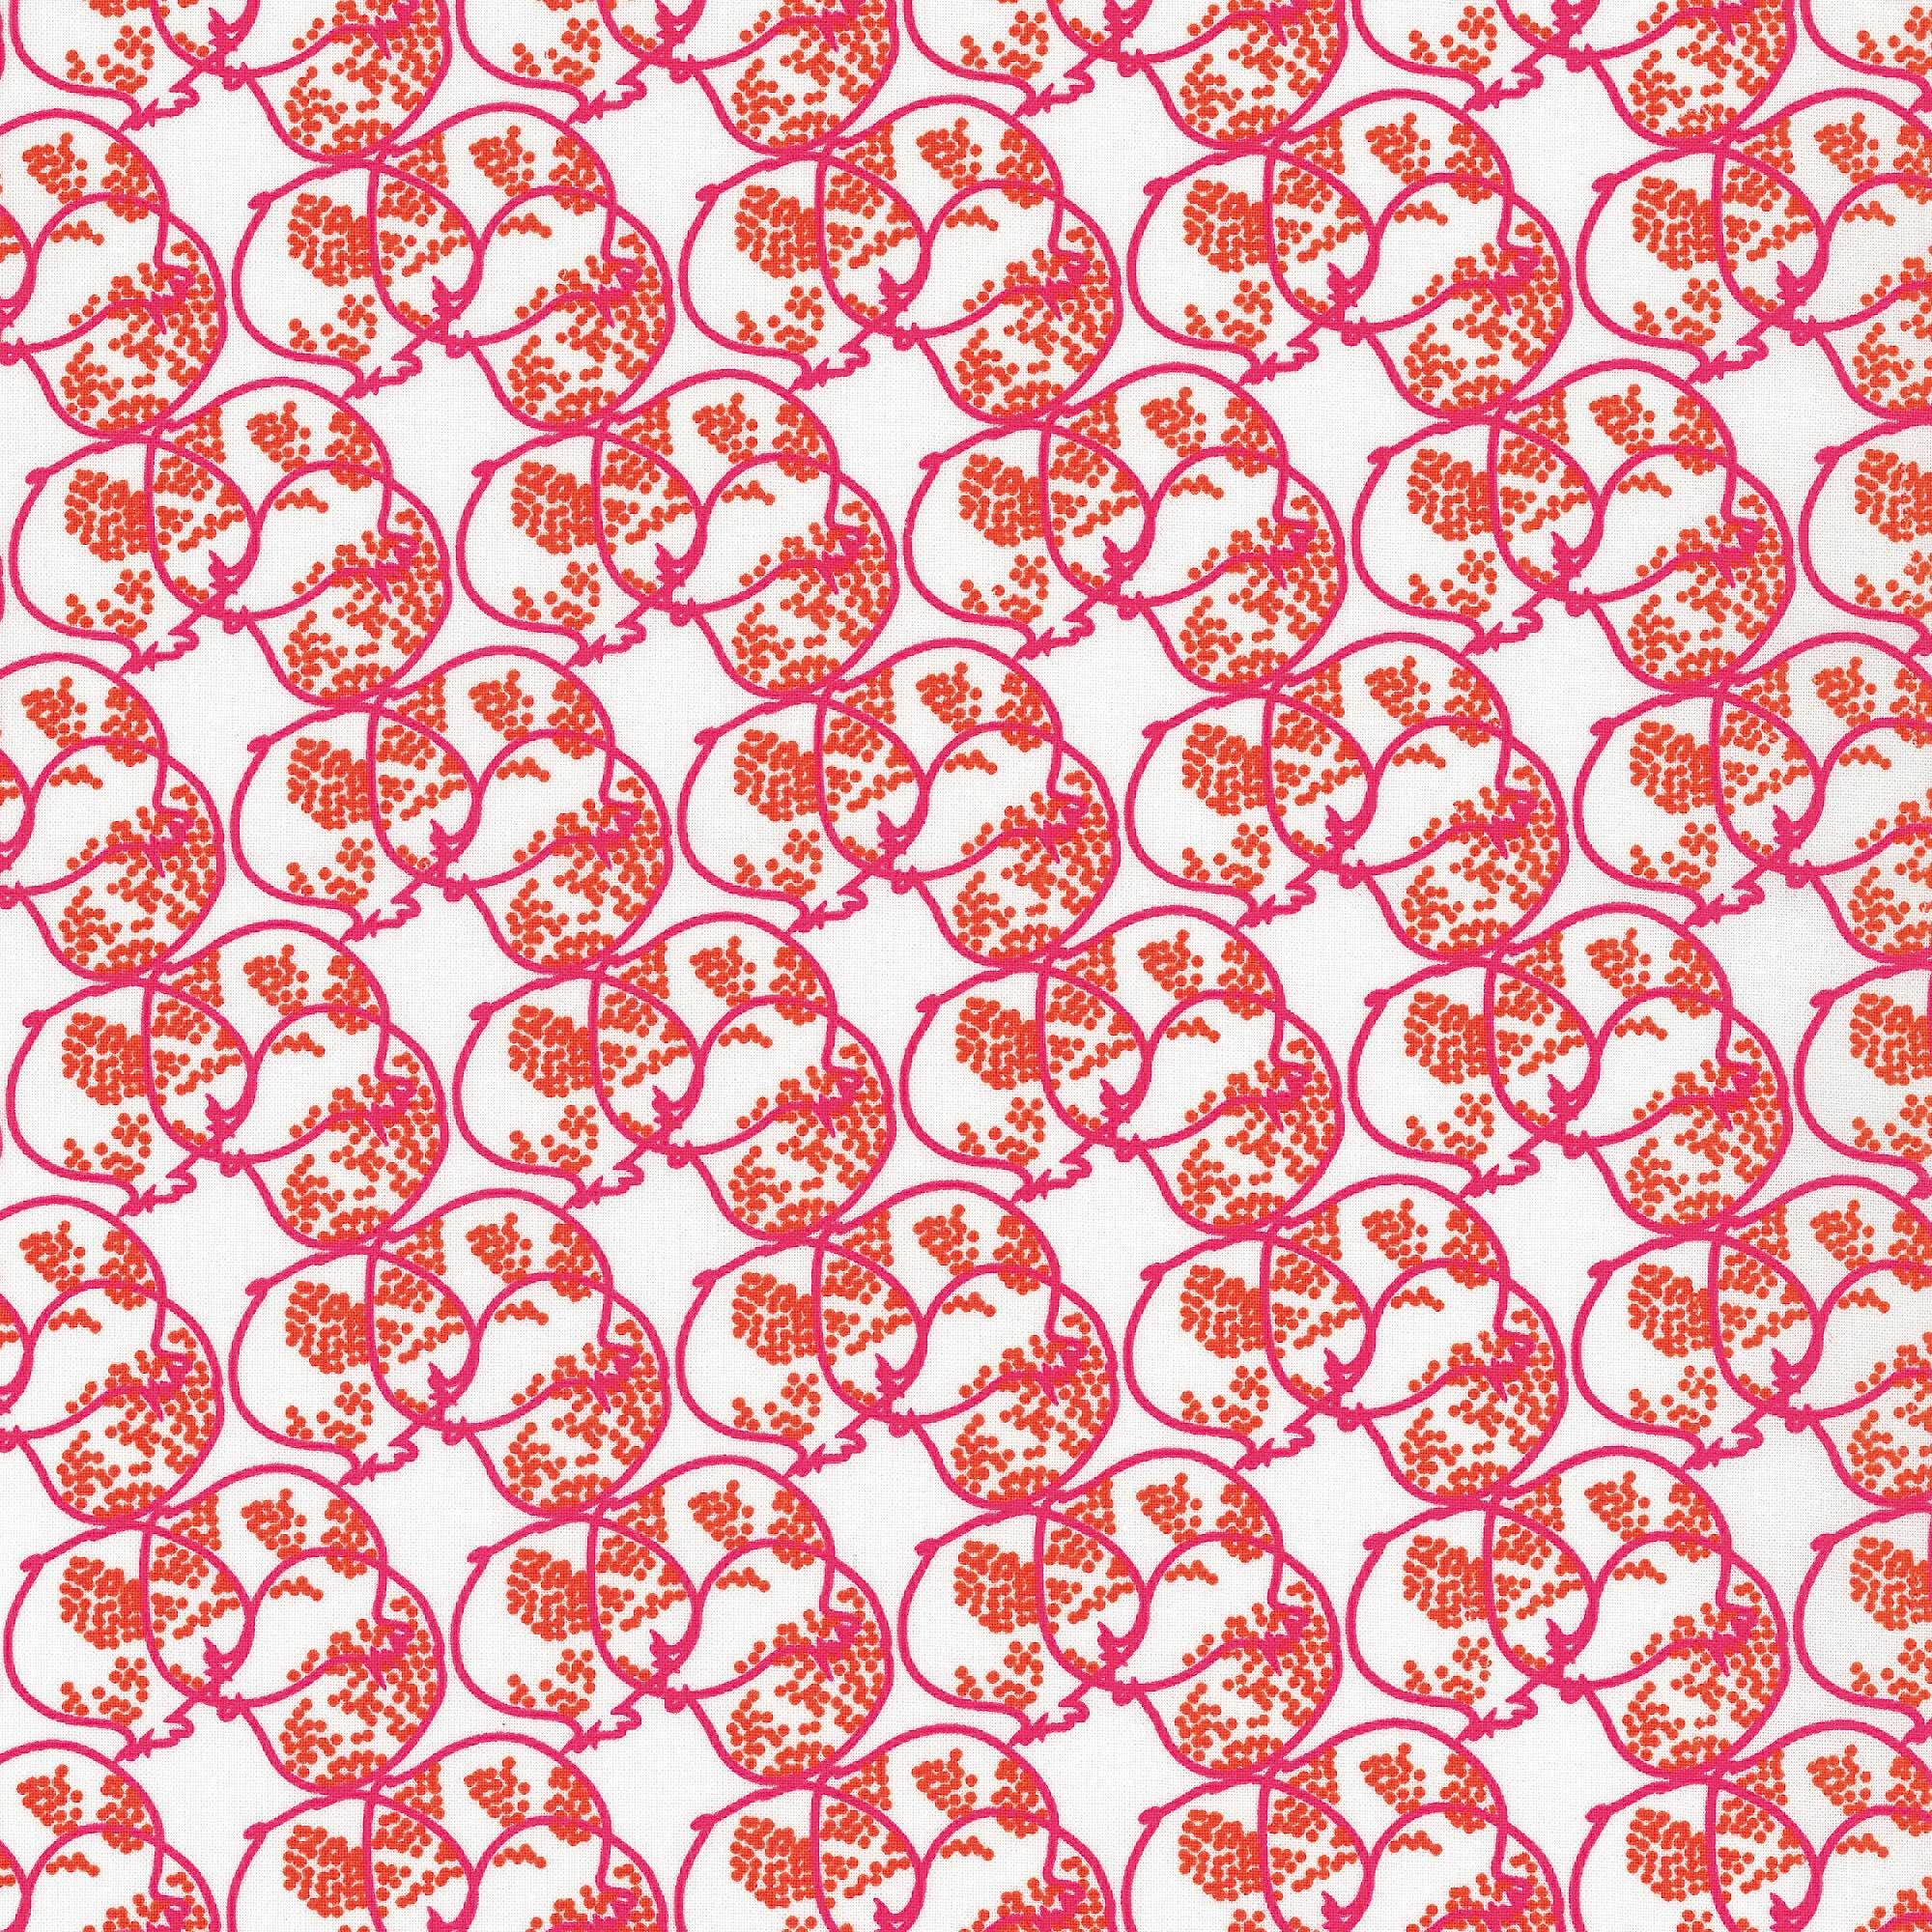 produkt_img/010503011.jpg